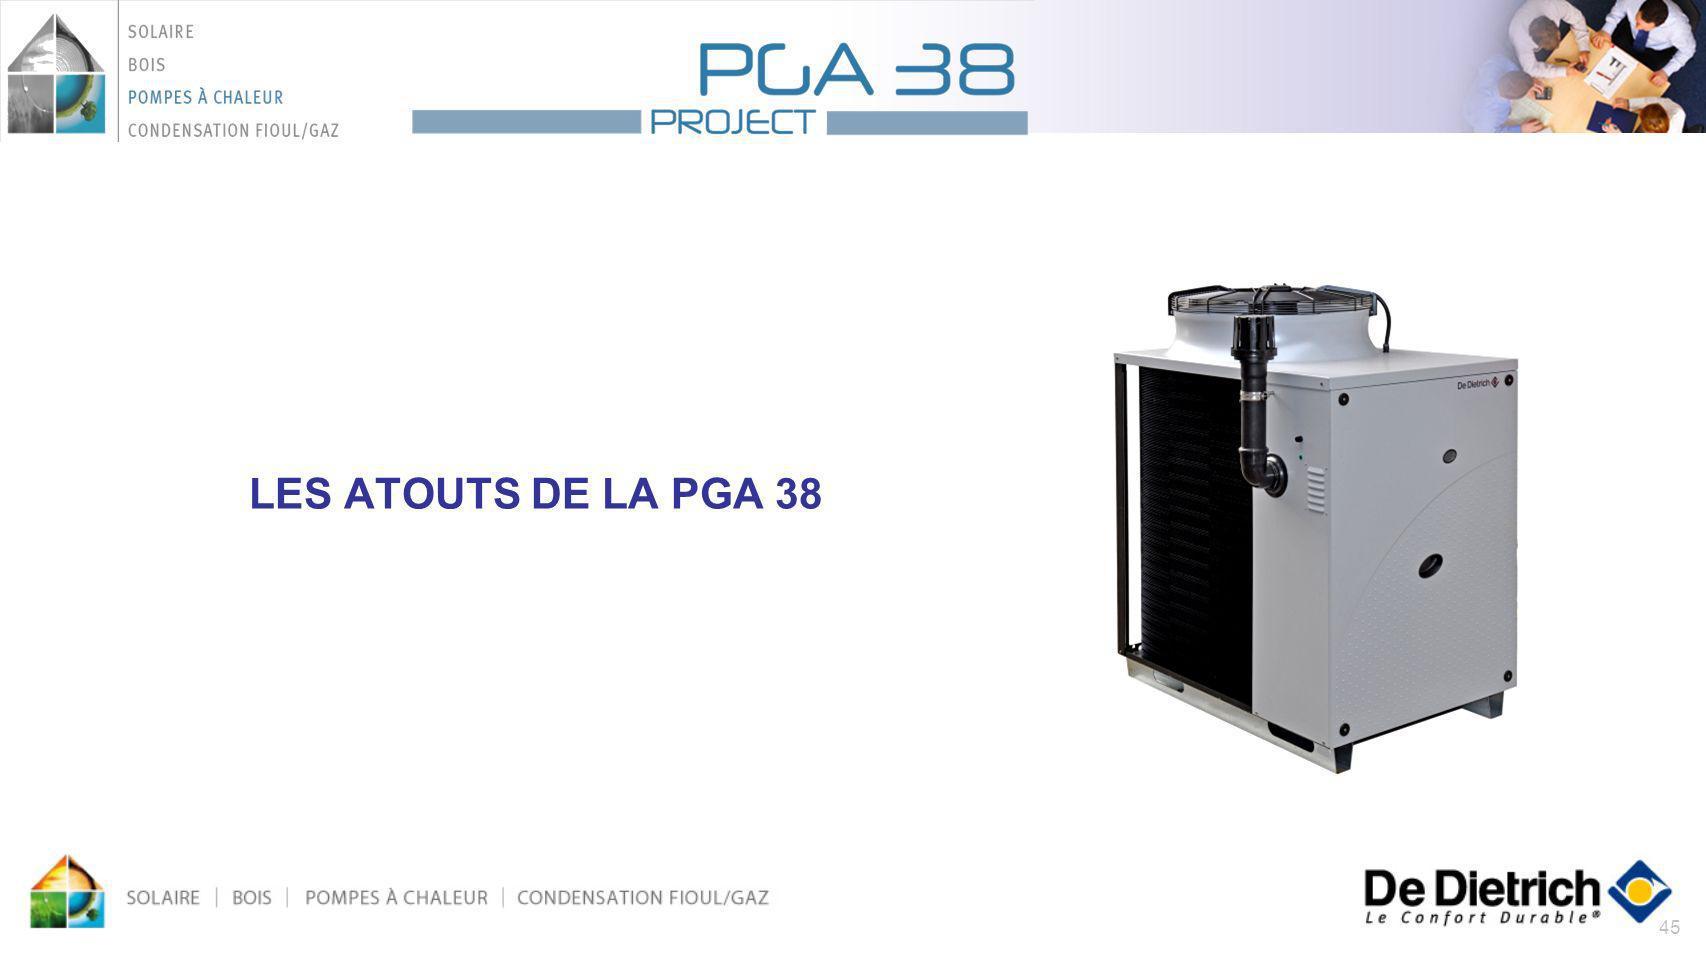 45 LES ATOUTS DE LA PGA 38